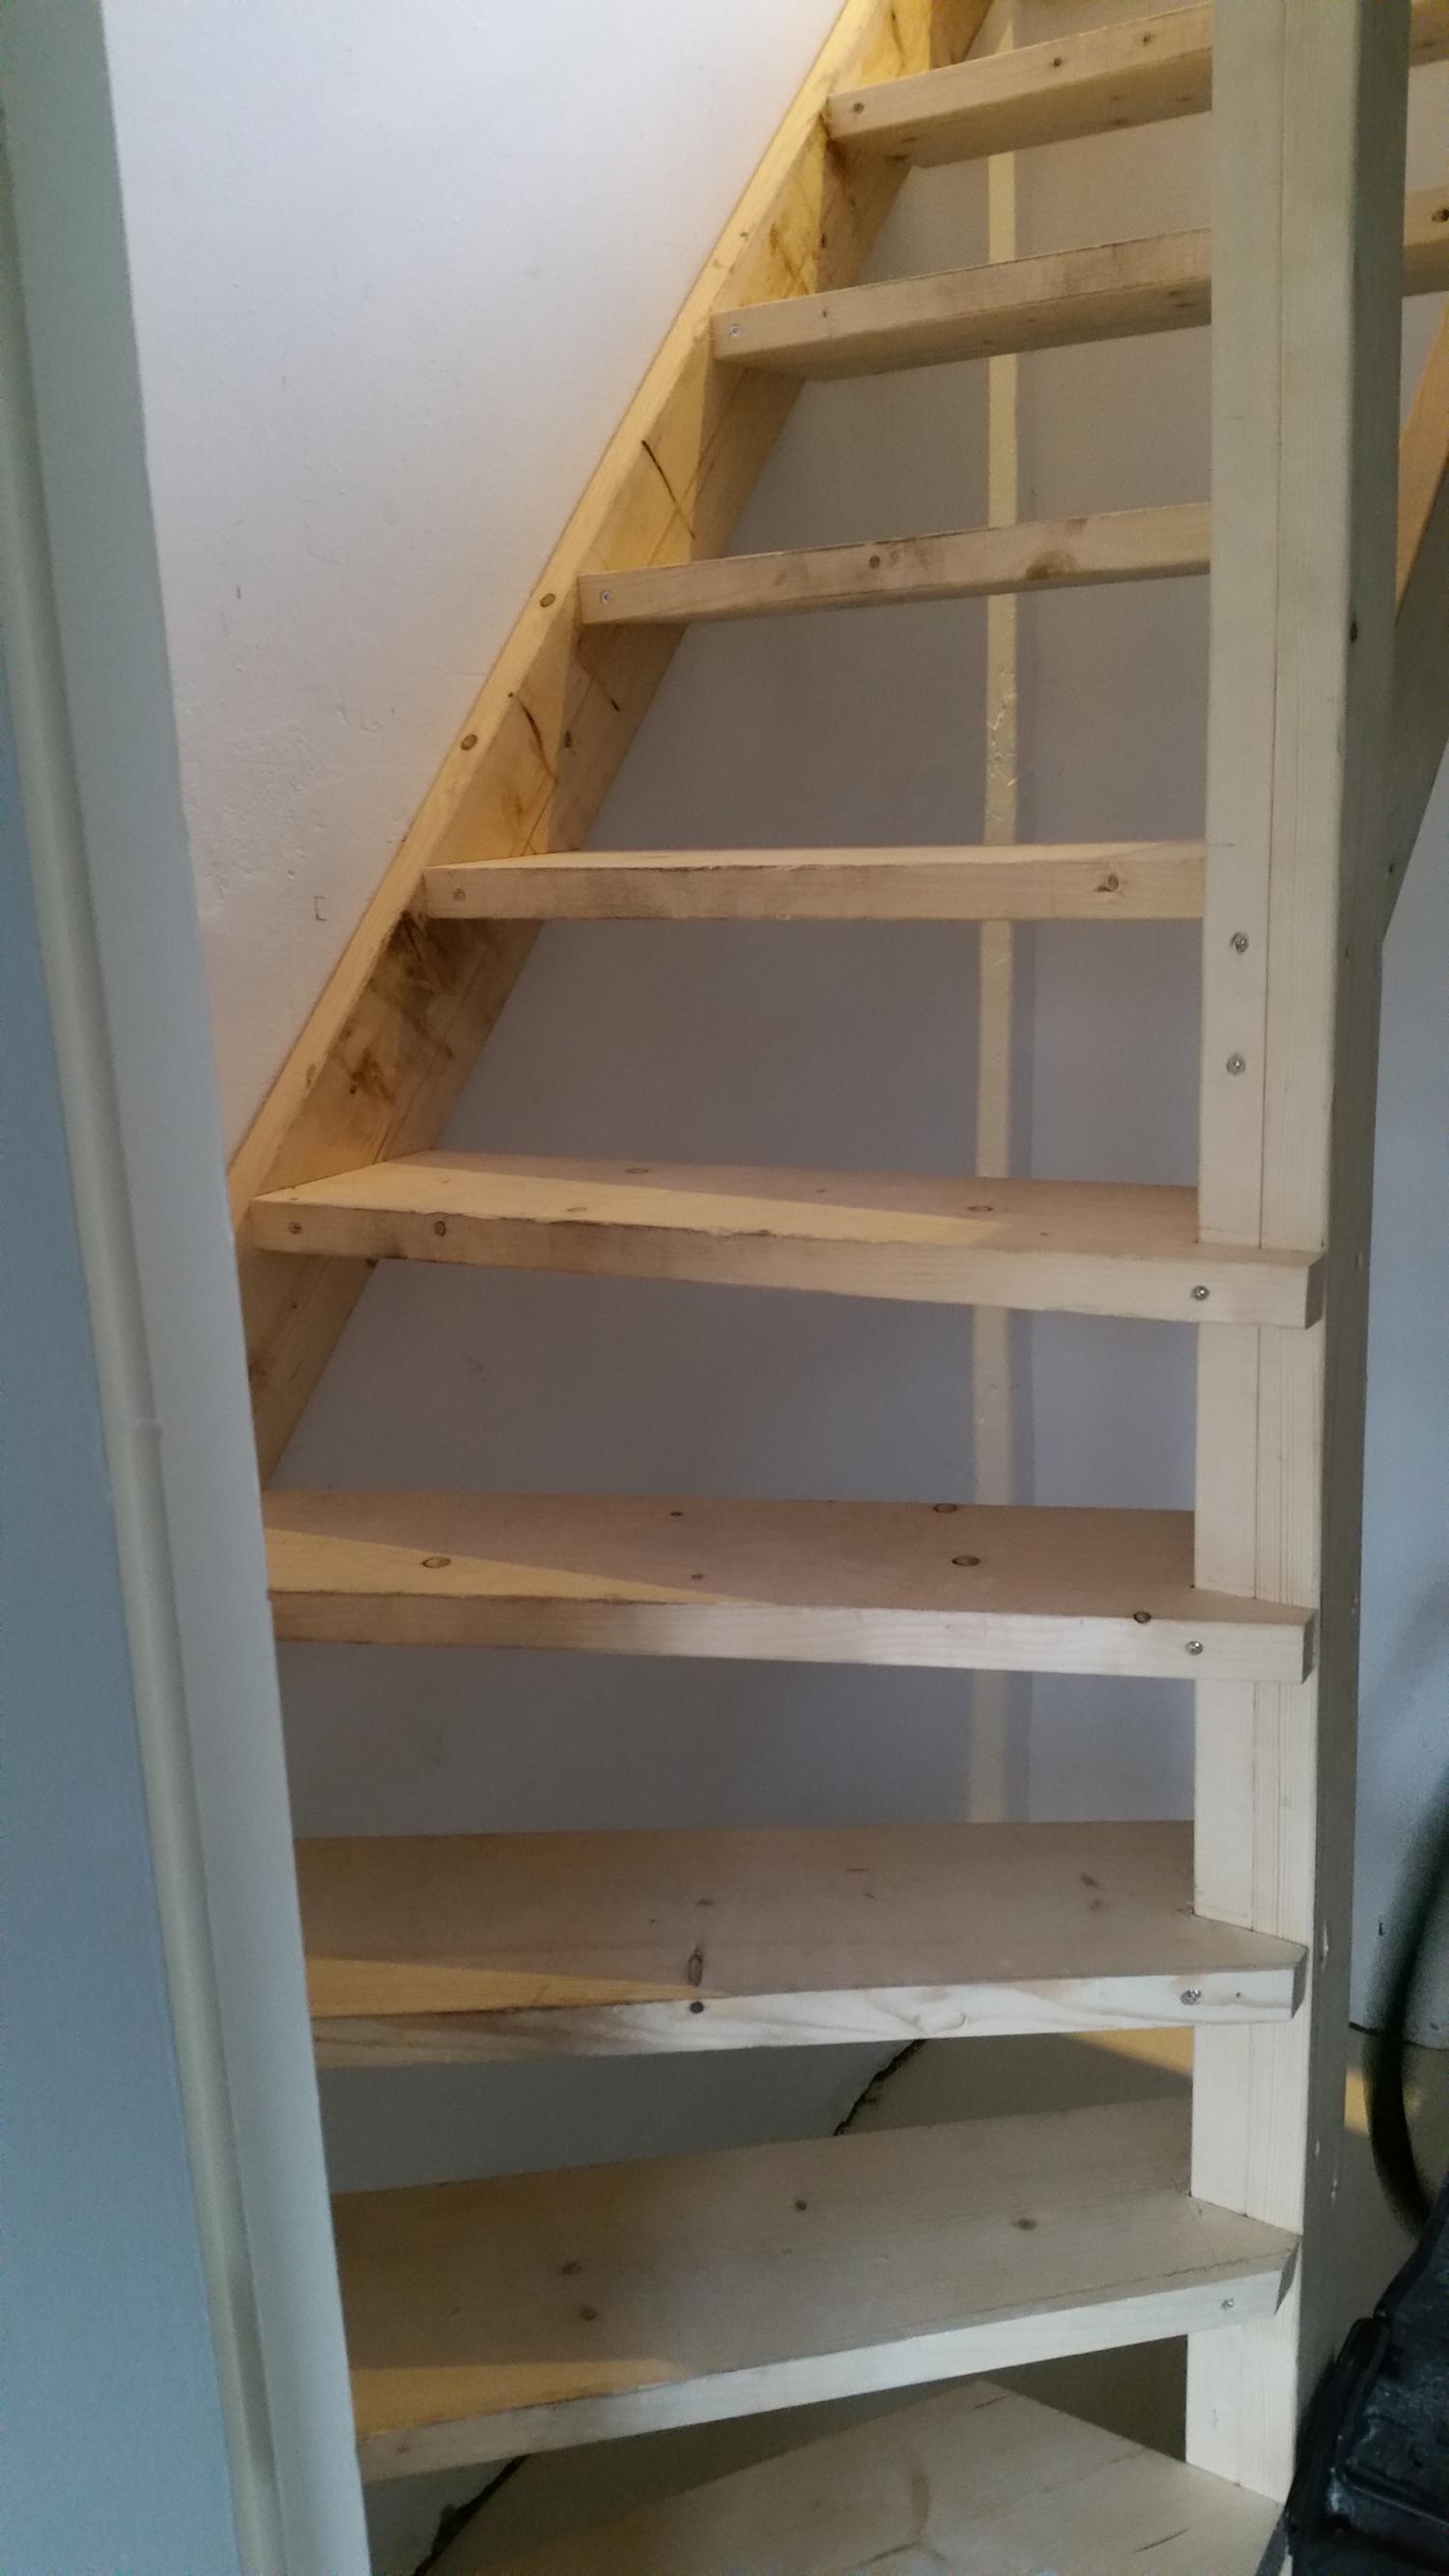 Zolder na isoleren for Van vlizo naar vaste trap